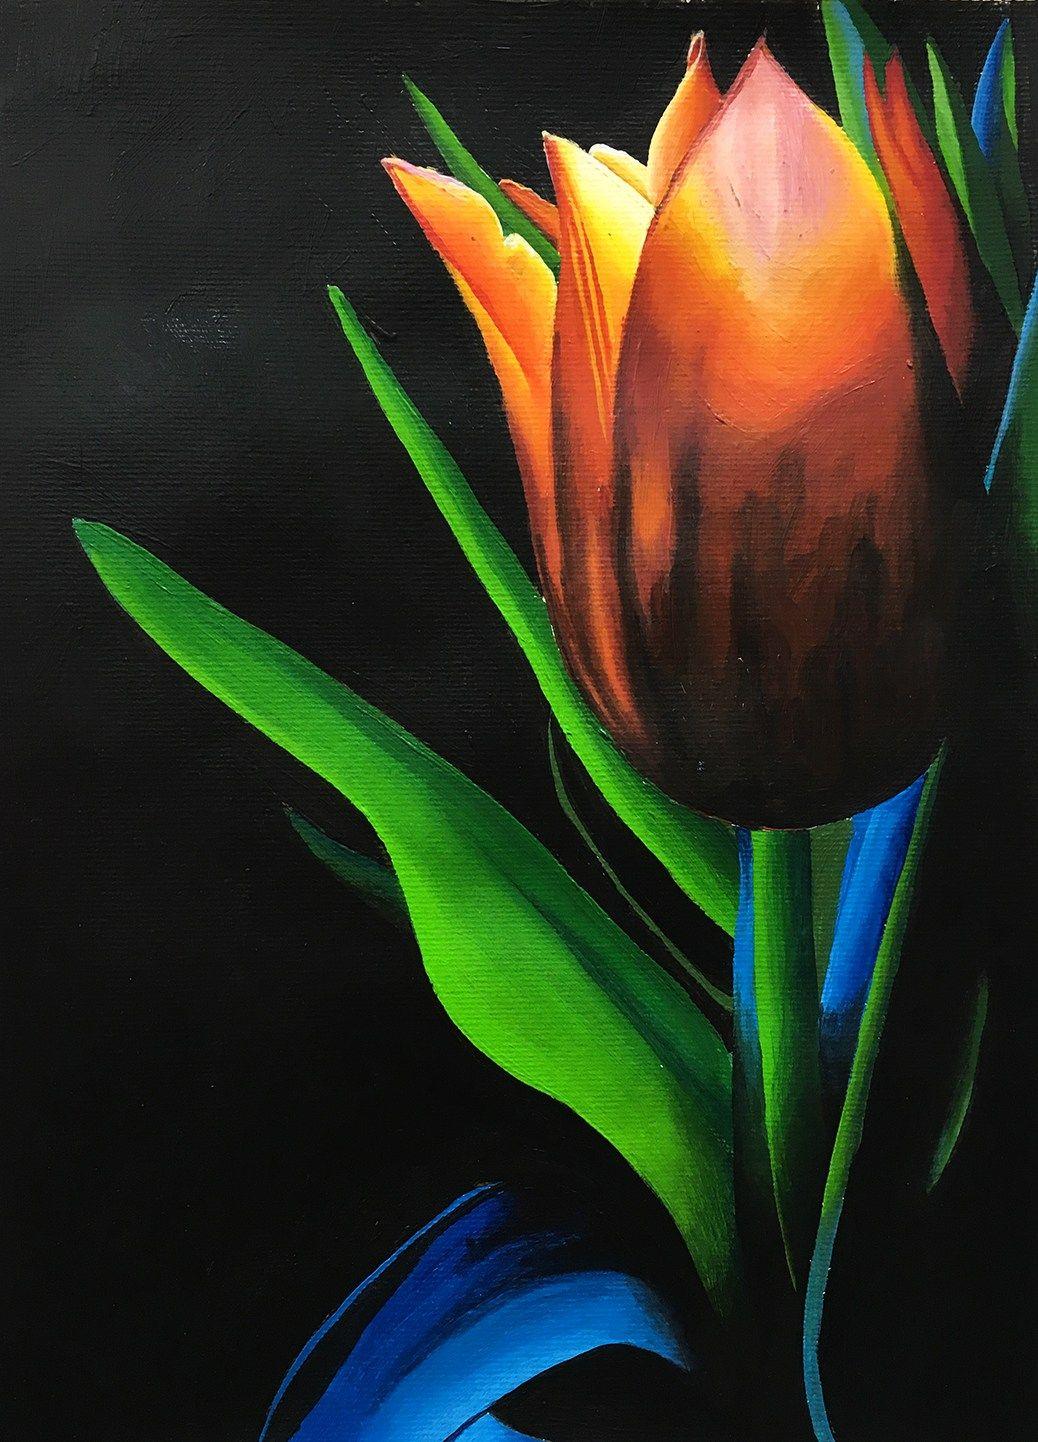 Degranero Pintar Flores Con Acrilico Cuadros Abstractos Acrilicos Dibujos Acrilicos Flores Pintadas